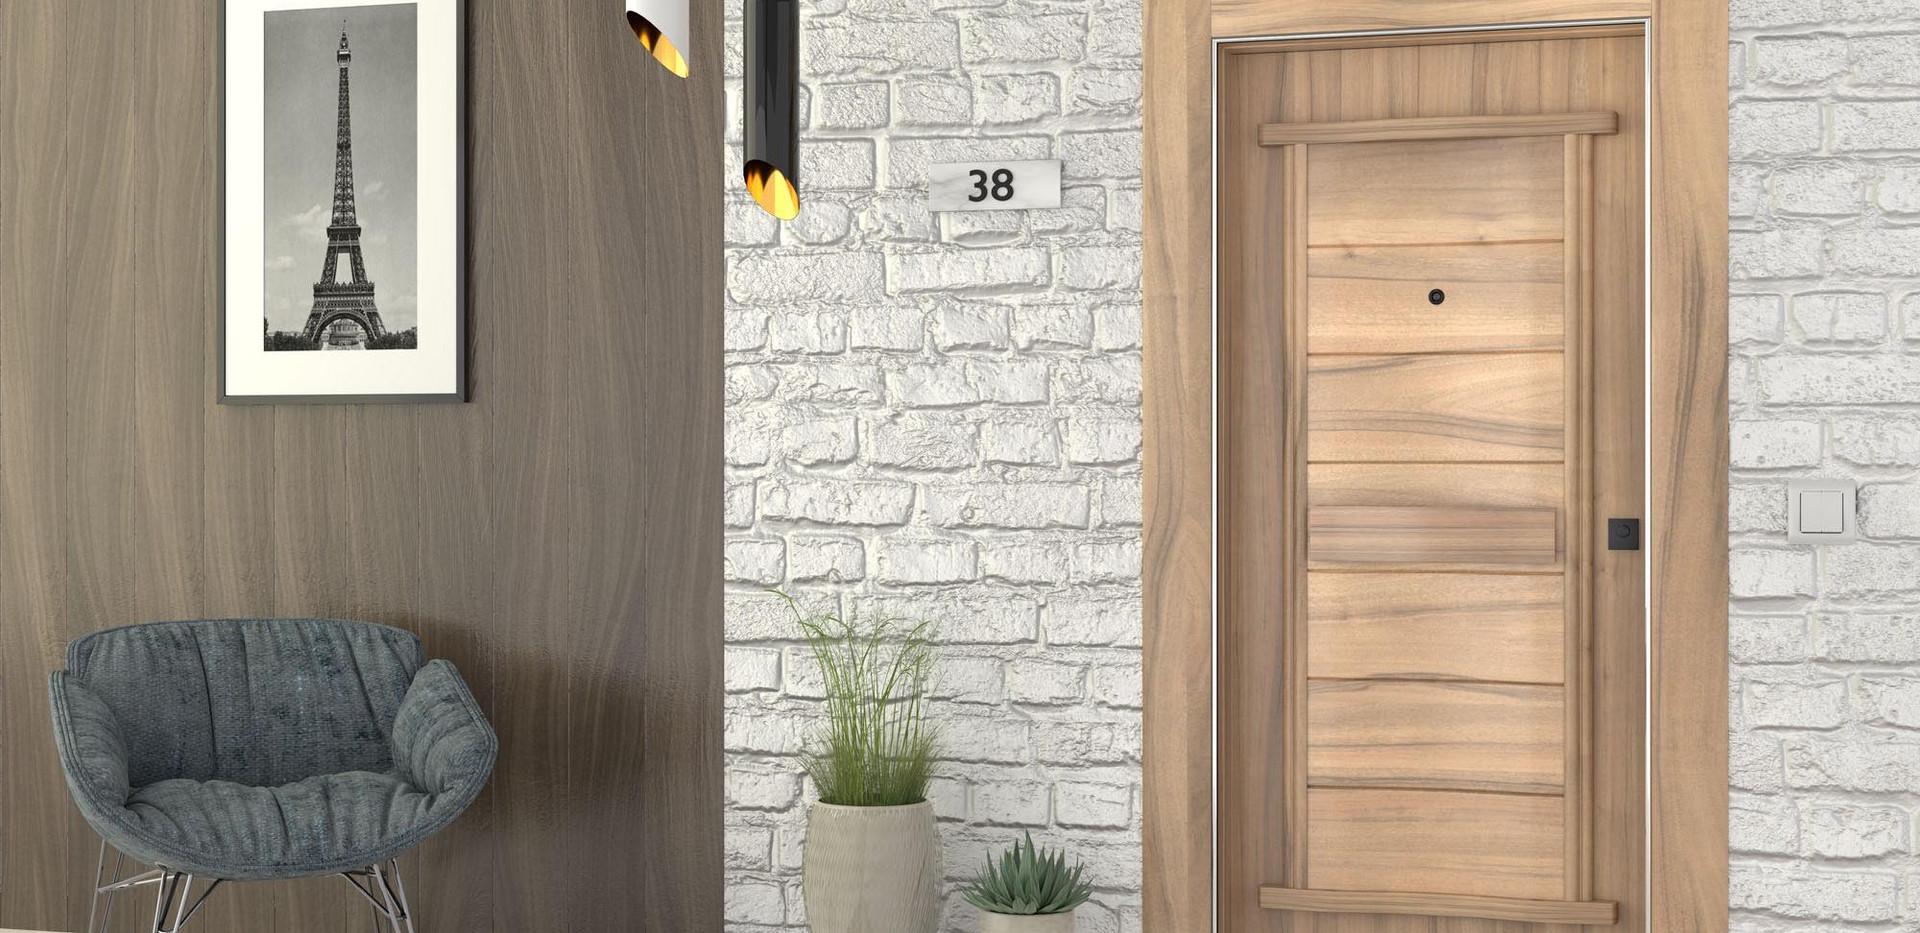 z ivrati входна врата 1.jpg